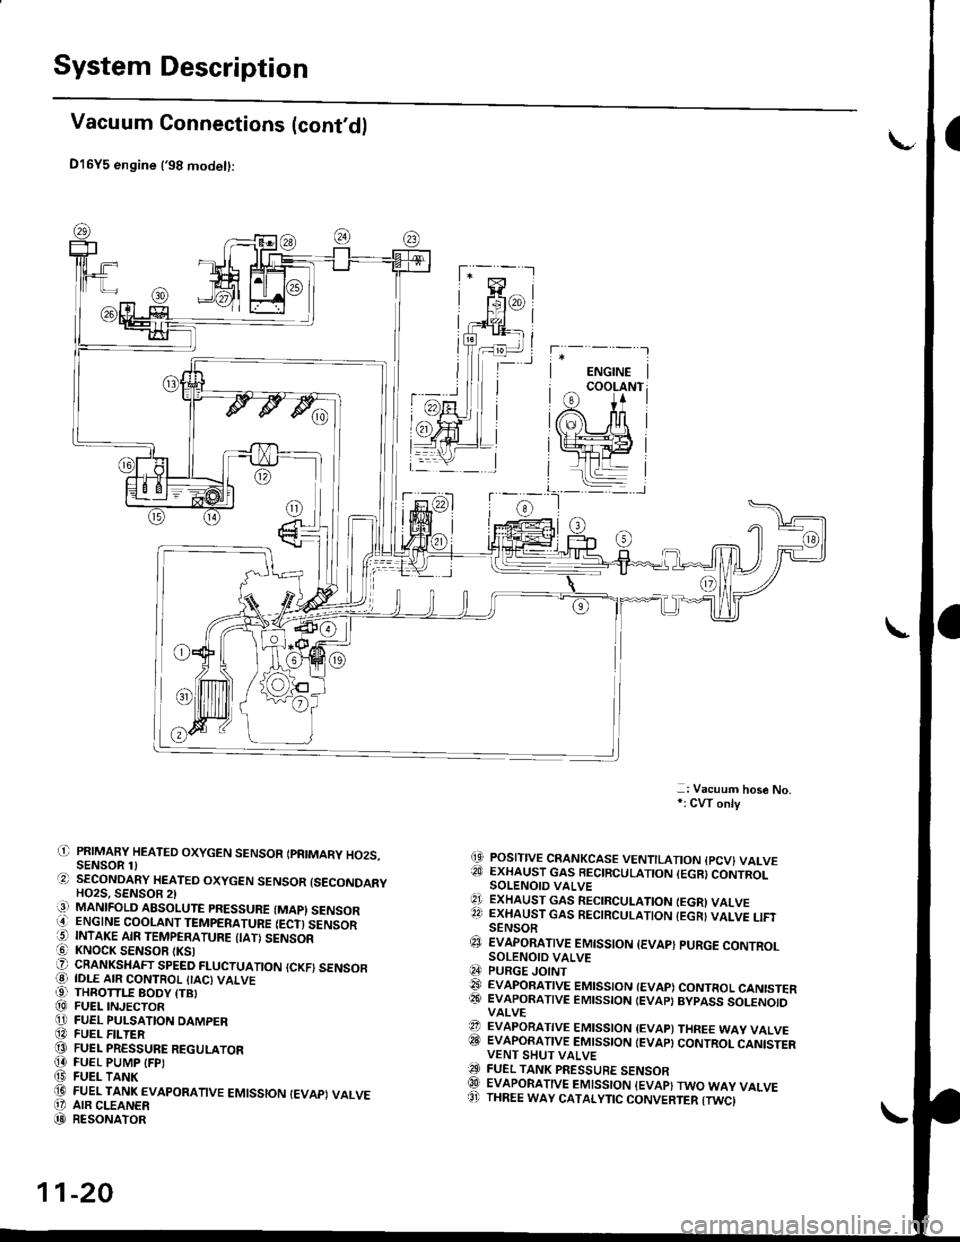 Abs Honda Civic 1999 6g Workshop Manual Oxygen Sensor Page 289